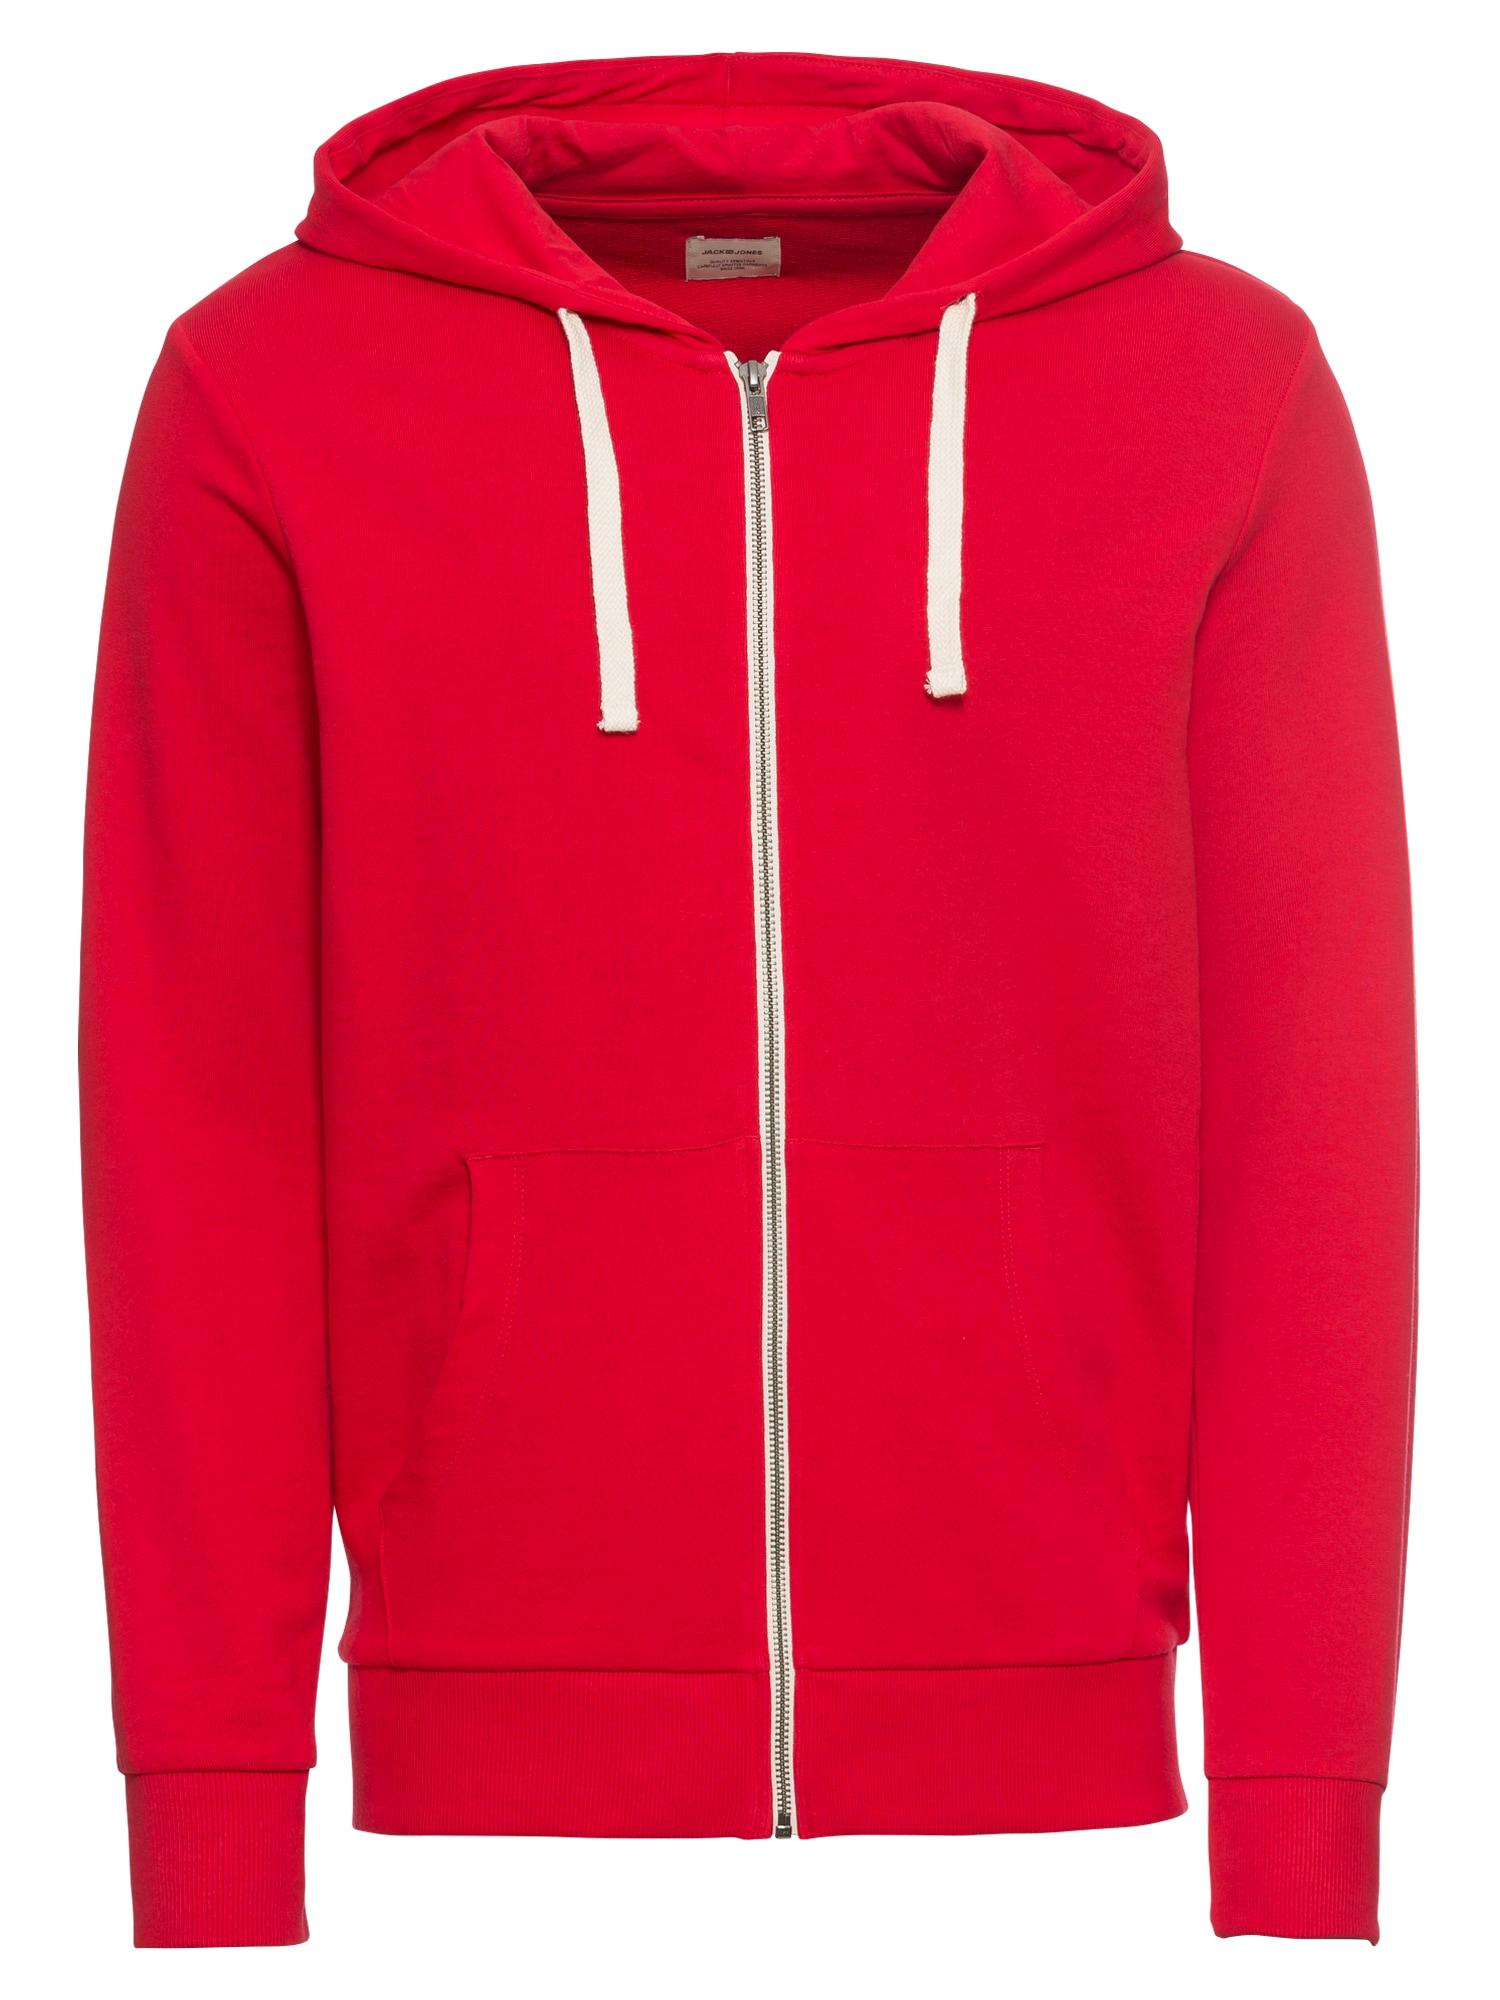 Mikina s kapucí Eholmen červená bílá JACK & JONES